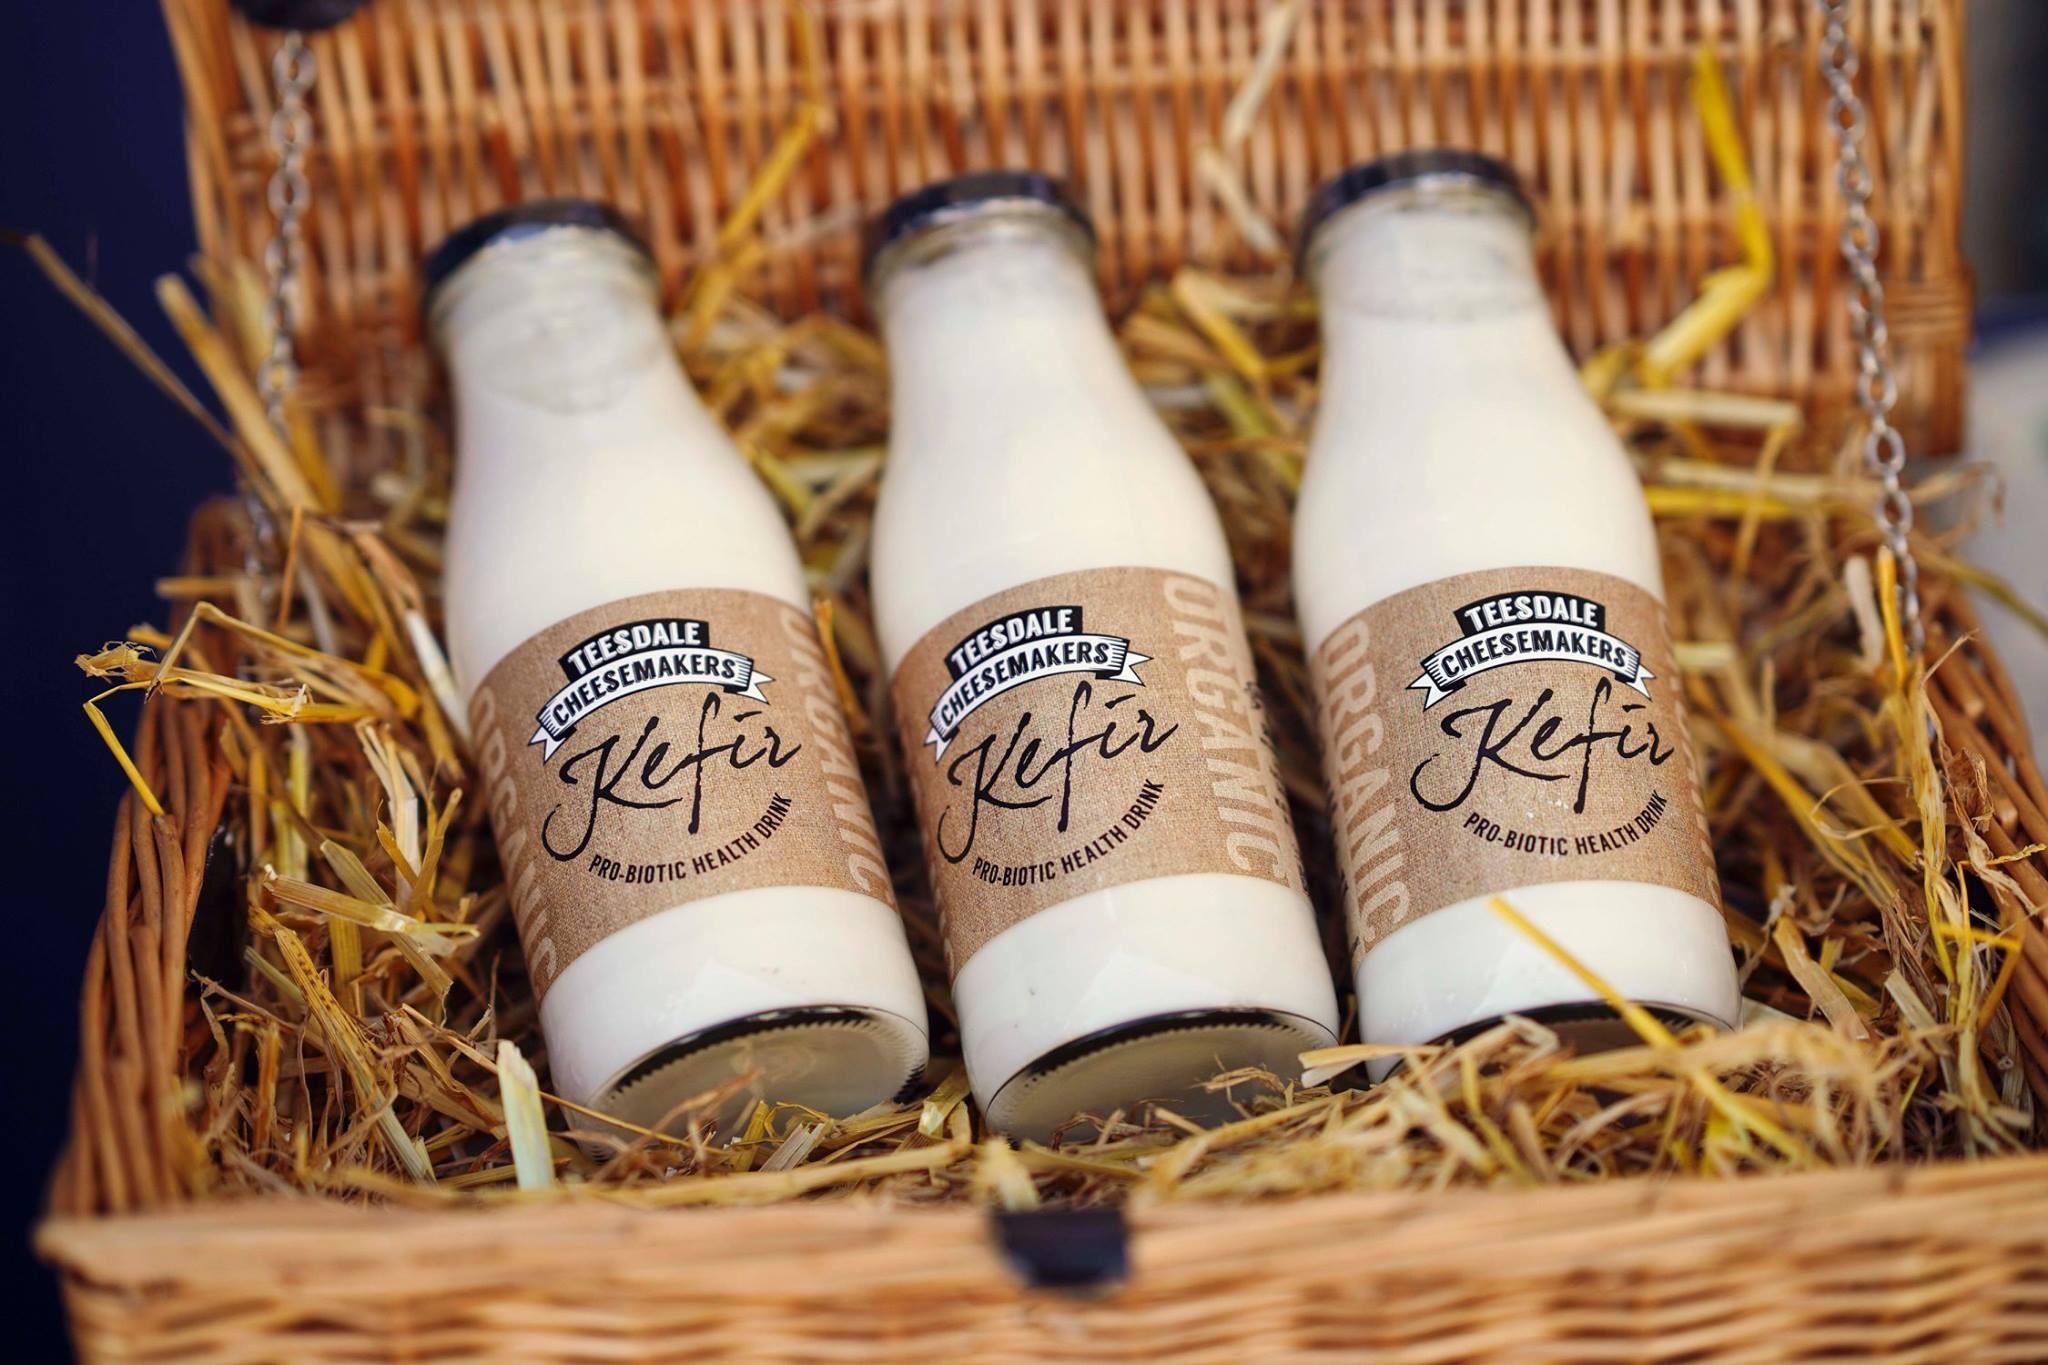 Teesdale Cheesemaker's Kefir (500g)